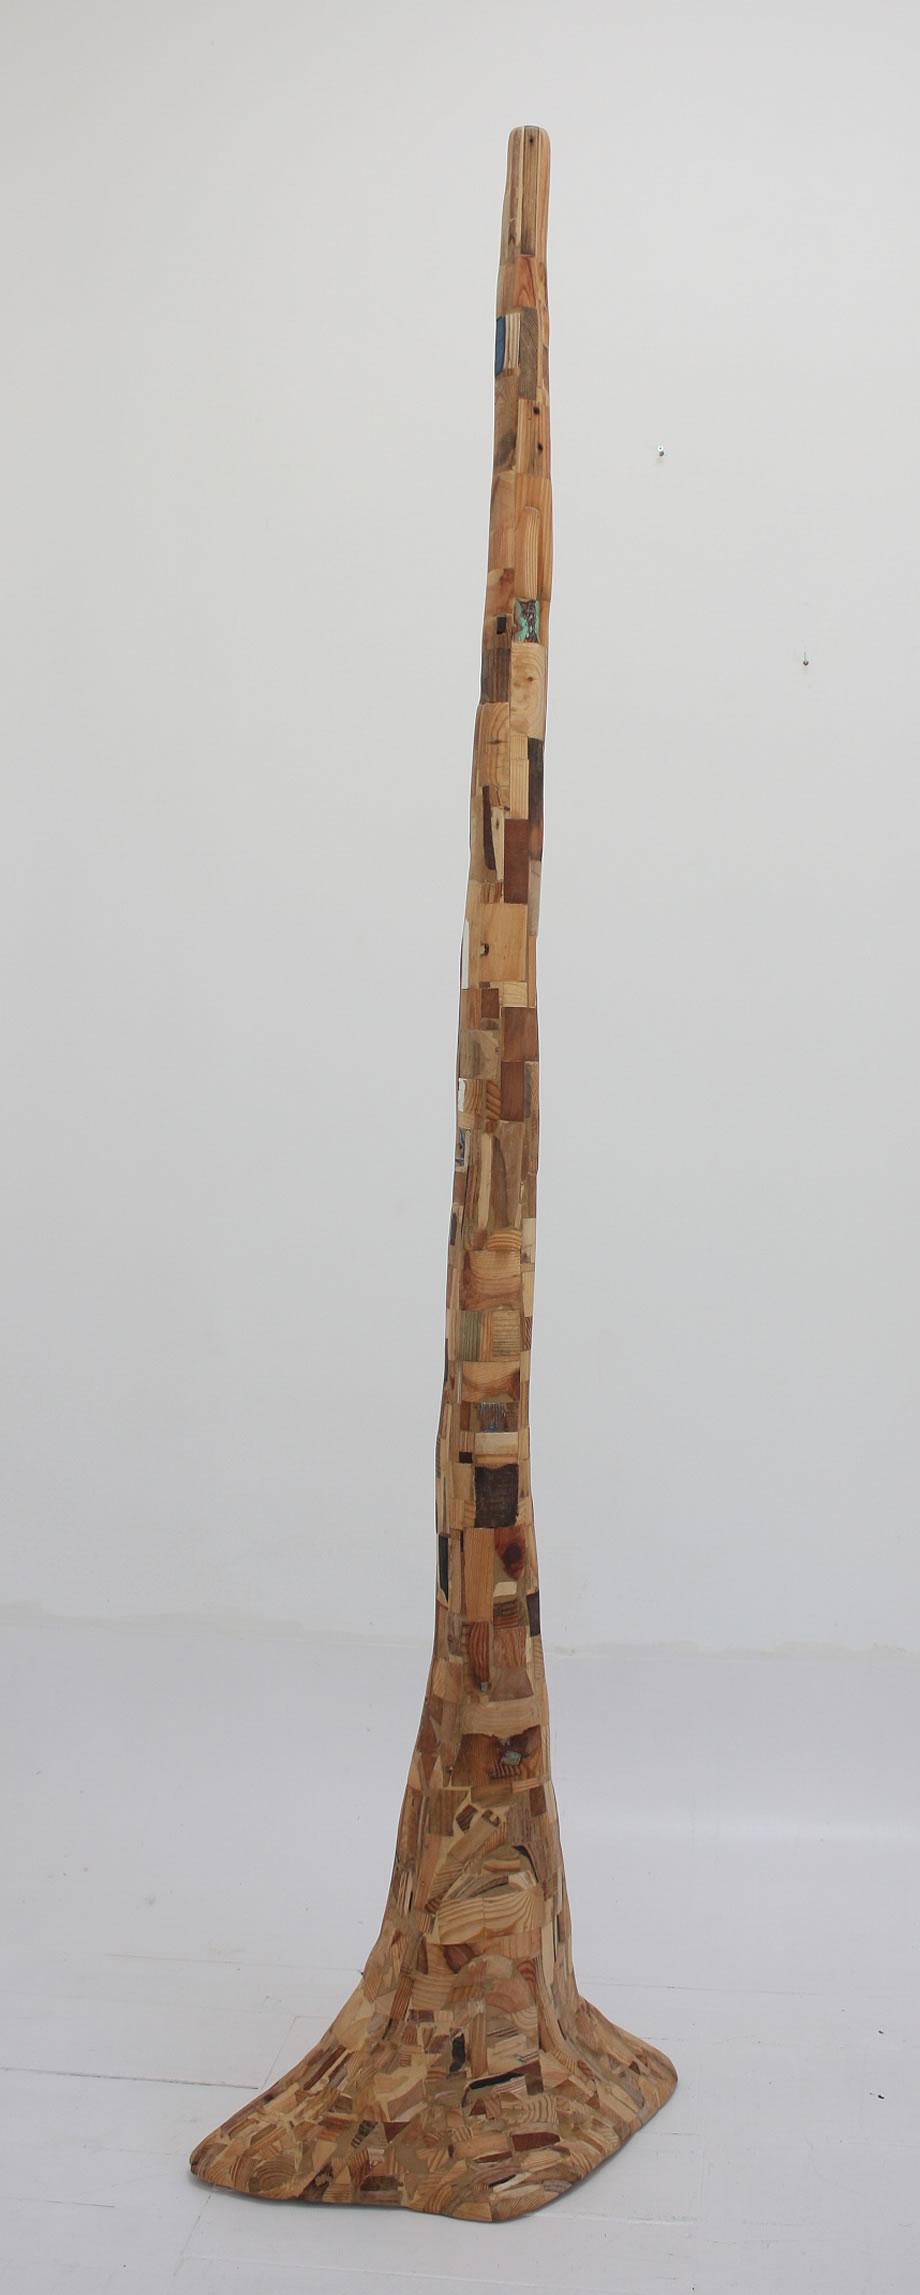 Didgeridoo I